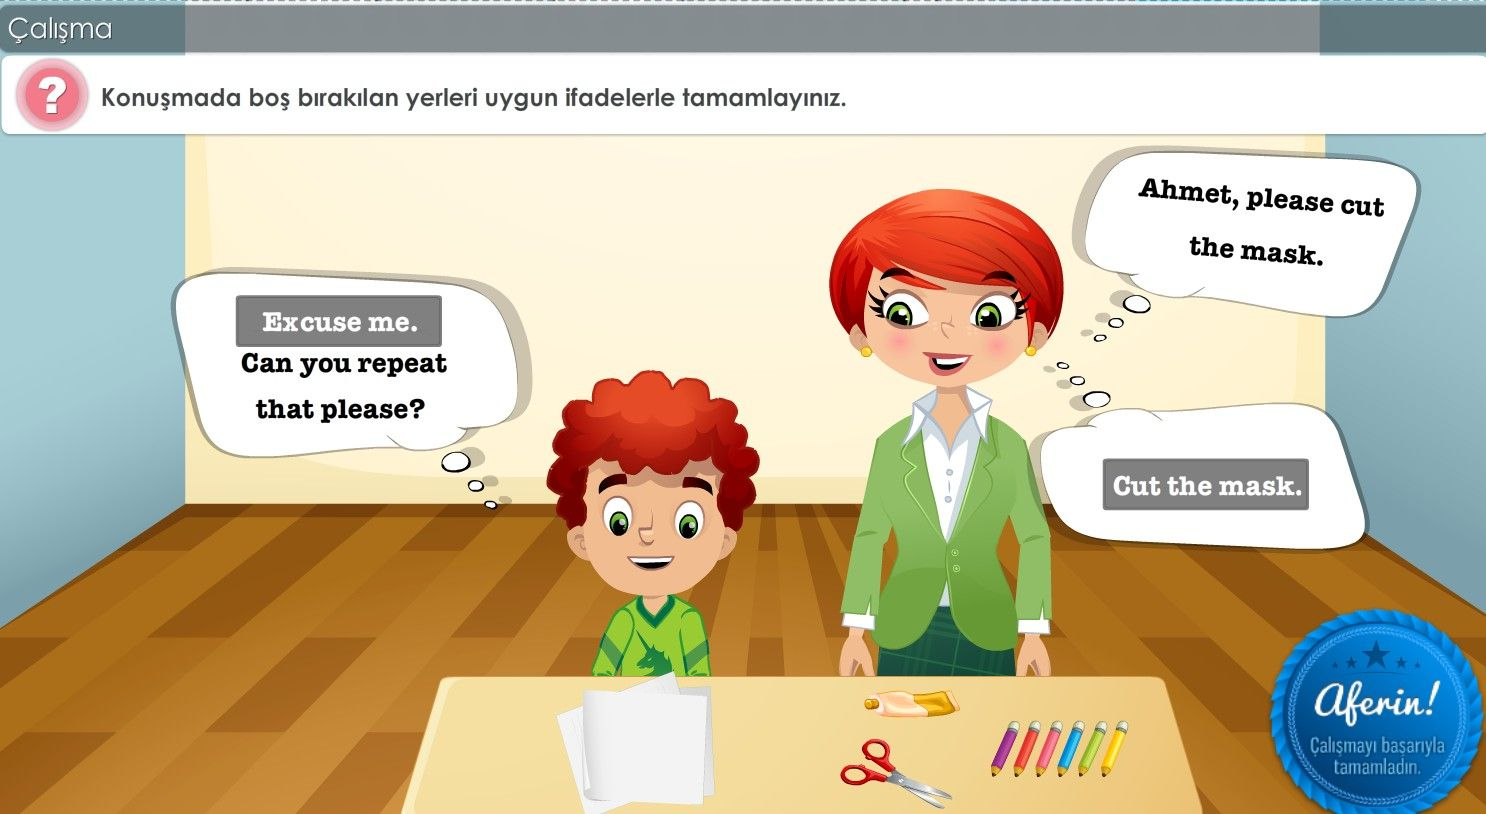 2. Sınıf Türkçe Çalışmaları